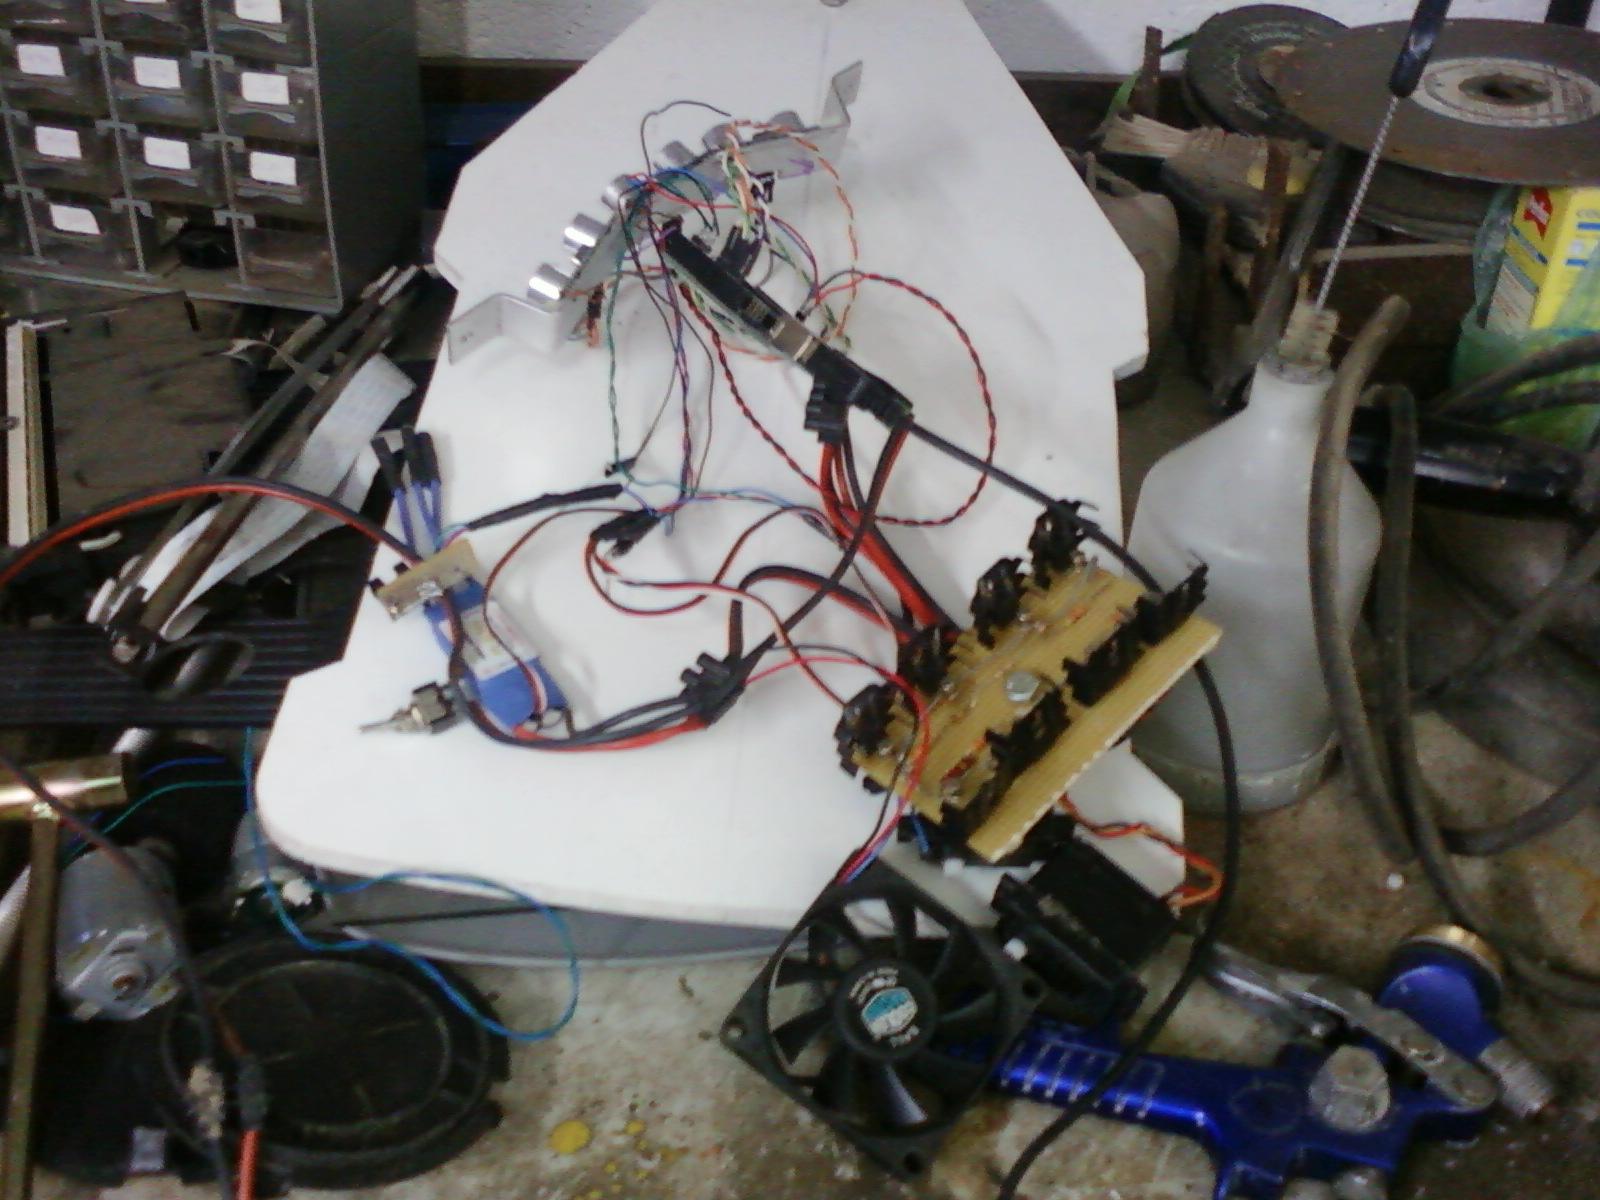 Gt diy cutflower tondeuse robot par arduino démontage